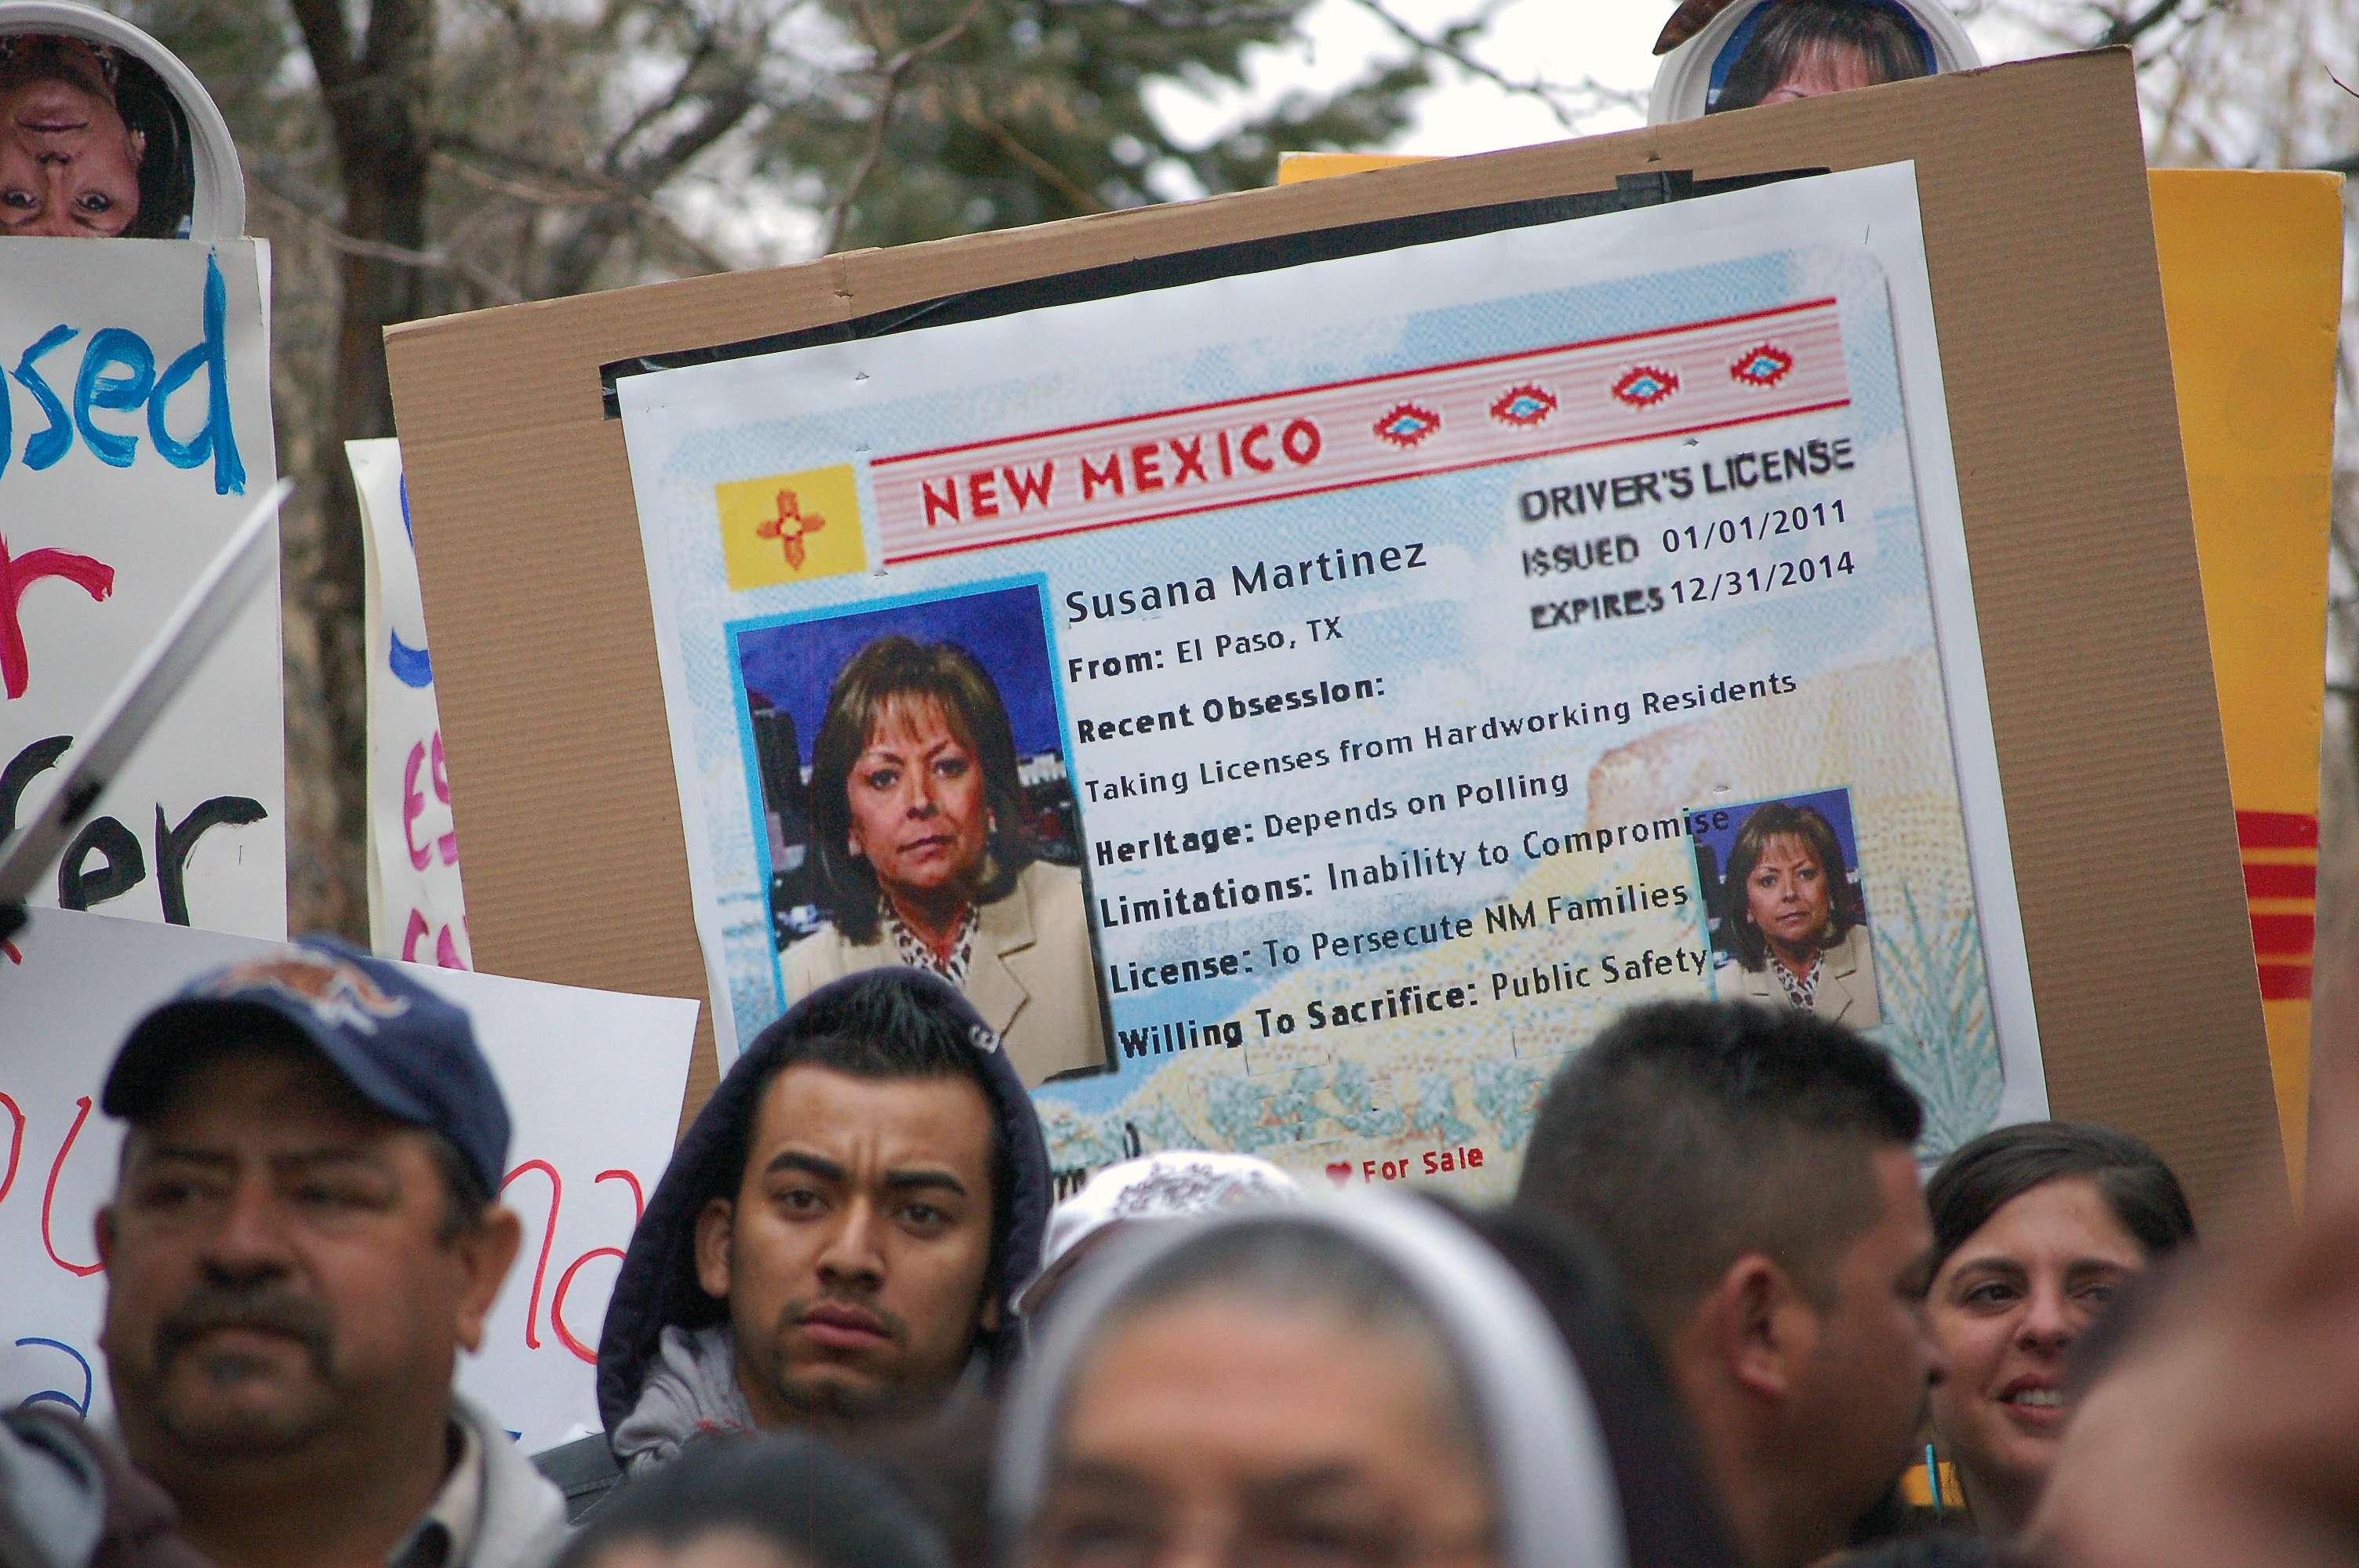 Defensores de los inmigrantes usan una imagen de la gobernadora Susana Martínez en una réplica de la licencia de conducir durante una protesta contra la propuesta de derogar una ley estatal que permite a indocumentados obtener ese documento. Foto: AP en español